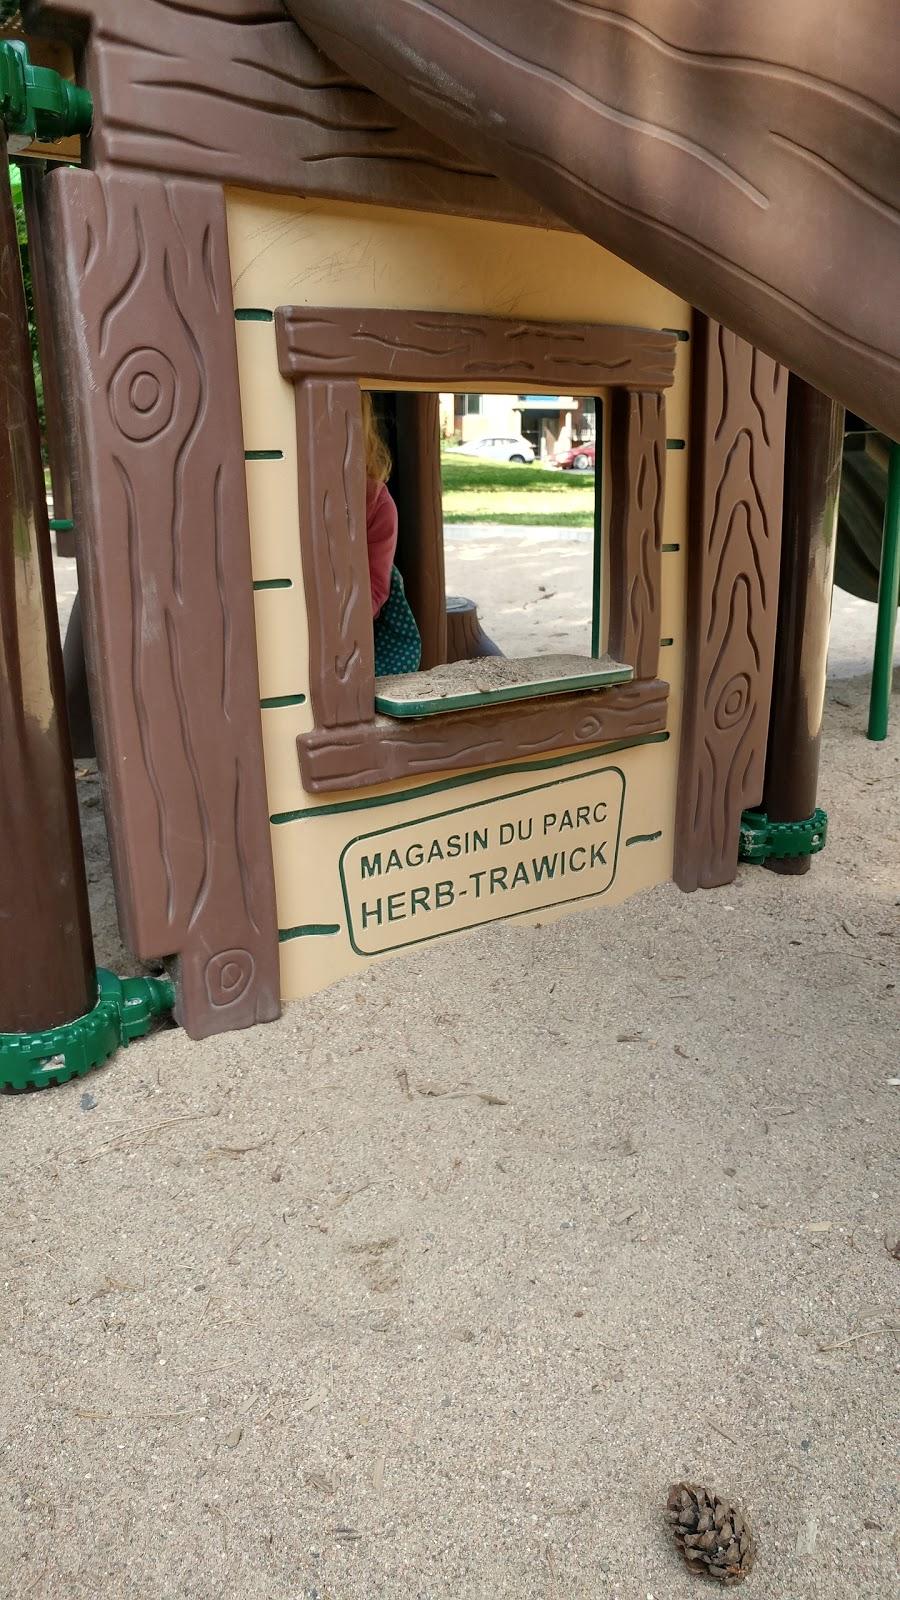 Herb Trawick Park | park | Avenue Lionel-Groulx, Montréal, QC H3J, Canada